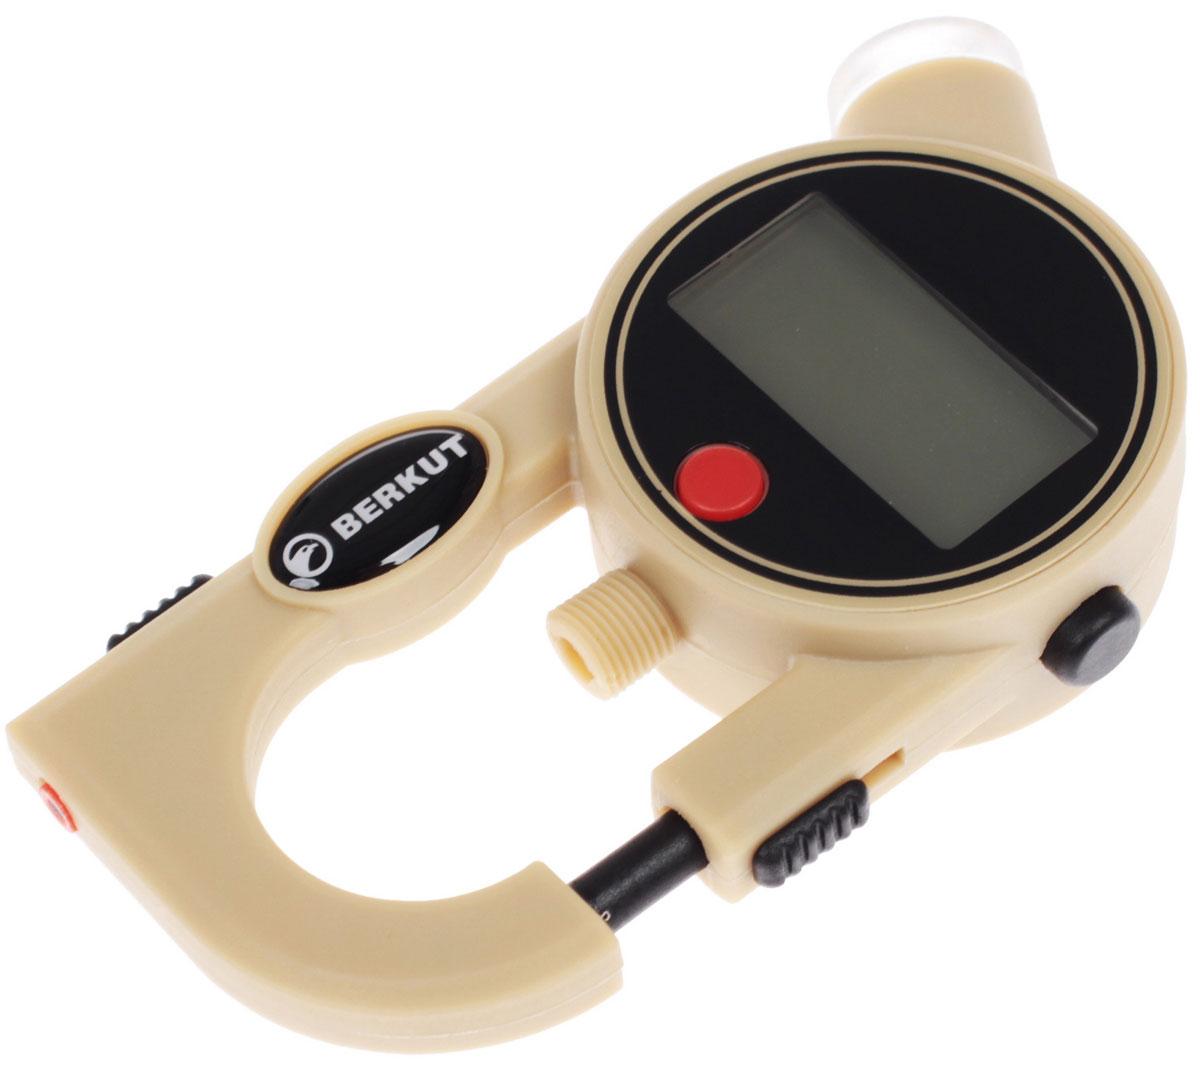 Манометр для авто Berkut Digital Pro цифровойAL-500Электронный манометр для измерения давления в автомобильных шинах. Модель отличается улучшенной эргономикой, универсальностью и небольшой погрешностью измерения. Изделие имеет форму карабина, упрощая его хранение и использование. В корпус манометра интегрирован инструмент для замера глубины протектора шины, а также резьбовой штуцер для хранения колпачка ниппеля. ЖК-дисплей имеет увеличенный размер, снабжен яркой подсветкой, поэтому пользоваться устройством можно в темное время суток. Технические характеристики:- Диапазон измерений: 2,00-99,50 PSI (фунт/кв. дюйм)0,15-7,00 BAR (Бар=Атм)15-700 KPA (кПа)- Погрешность прибора: ± 1%- Диапазон рабочих температур: от -10°С до +50°С- Эл. питания: 2 x 3V (тип CR2016L), либо аналоги